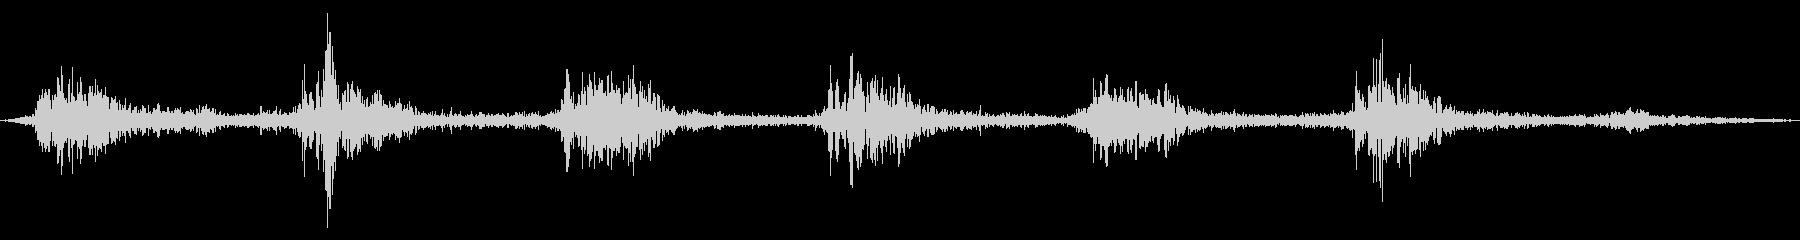 ゴゴ…ゴゴ… 洗濯機の動作音1 ショートの未再生の波形